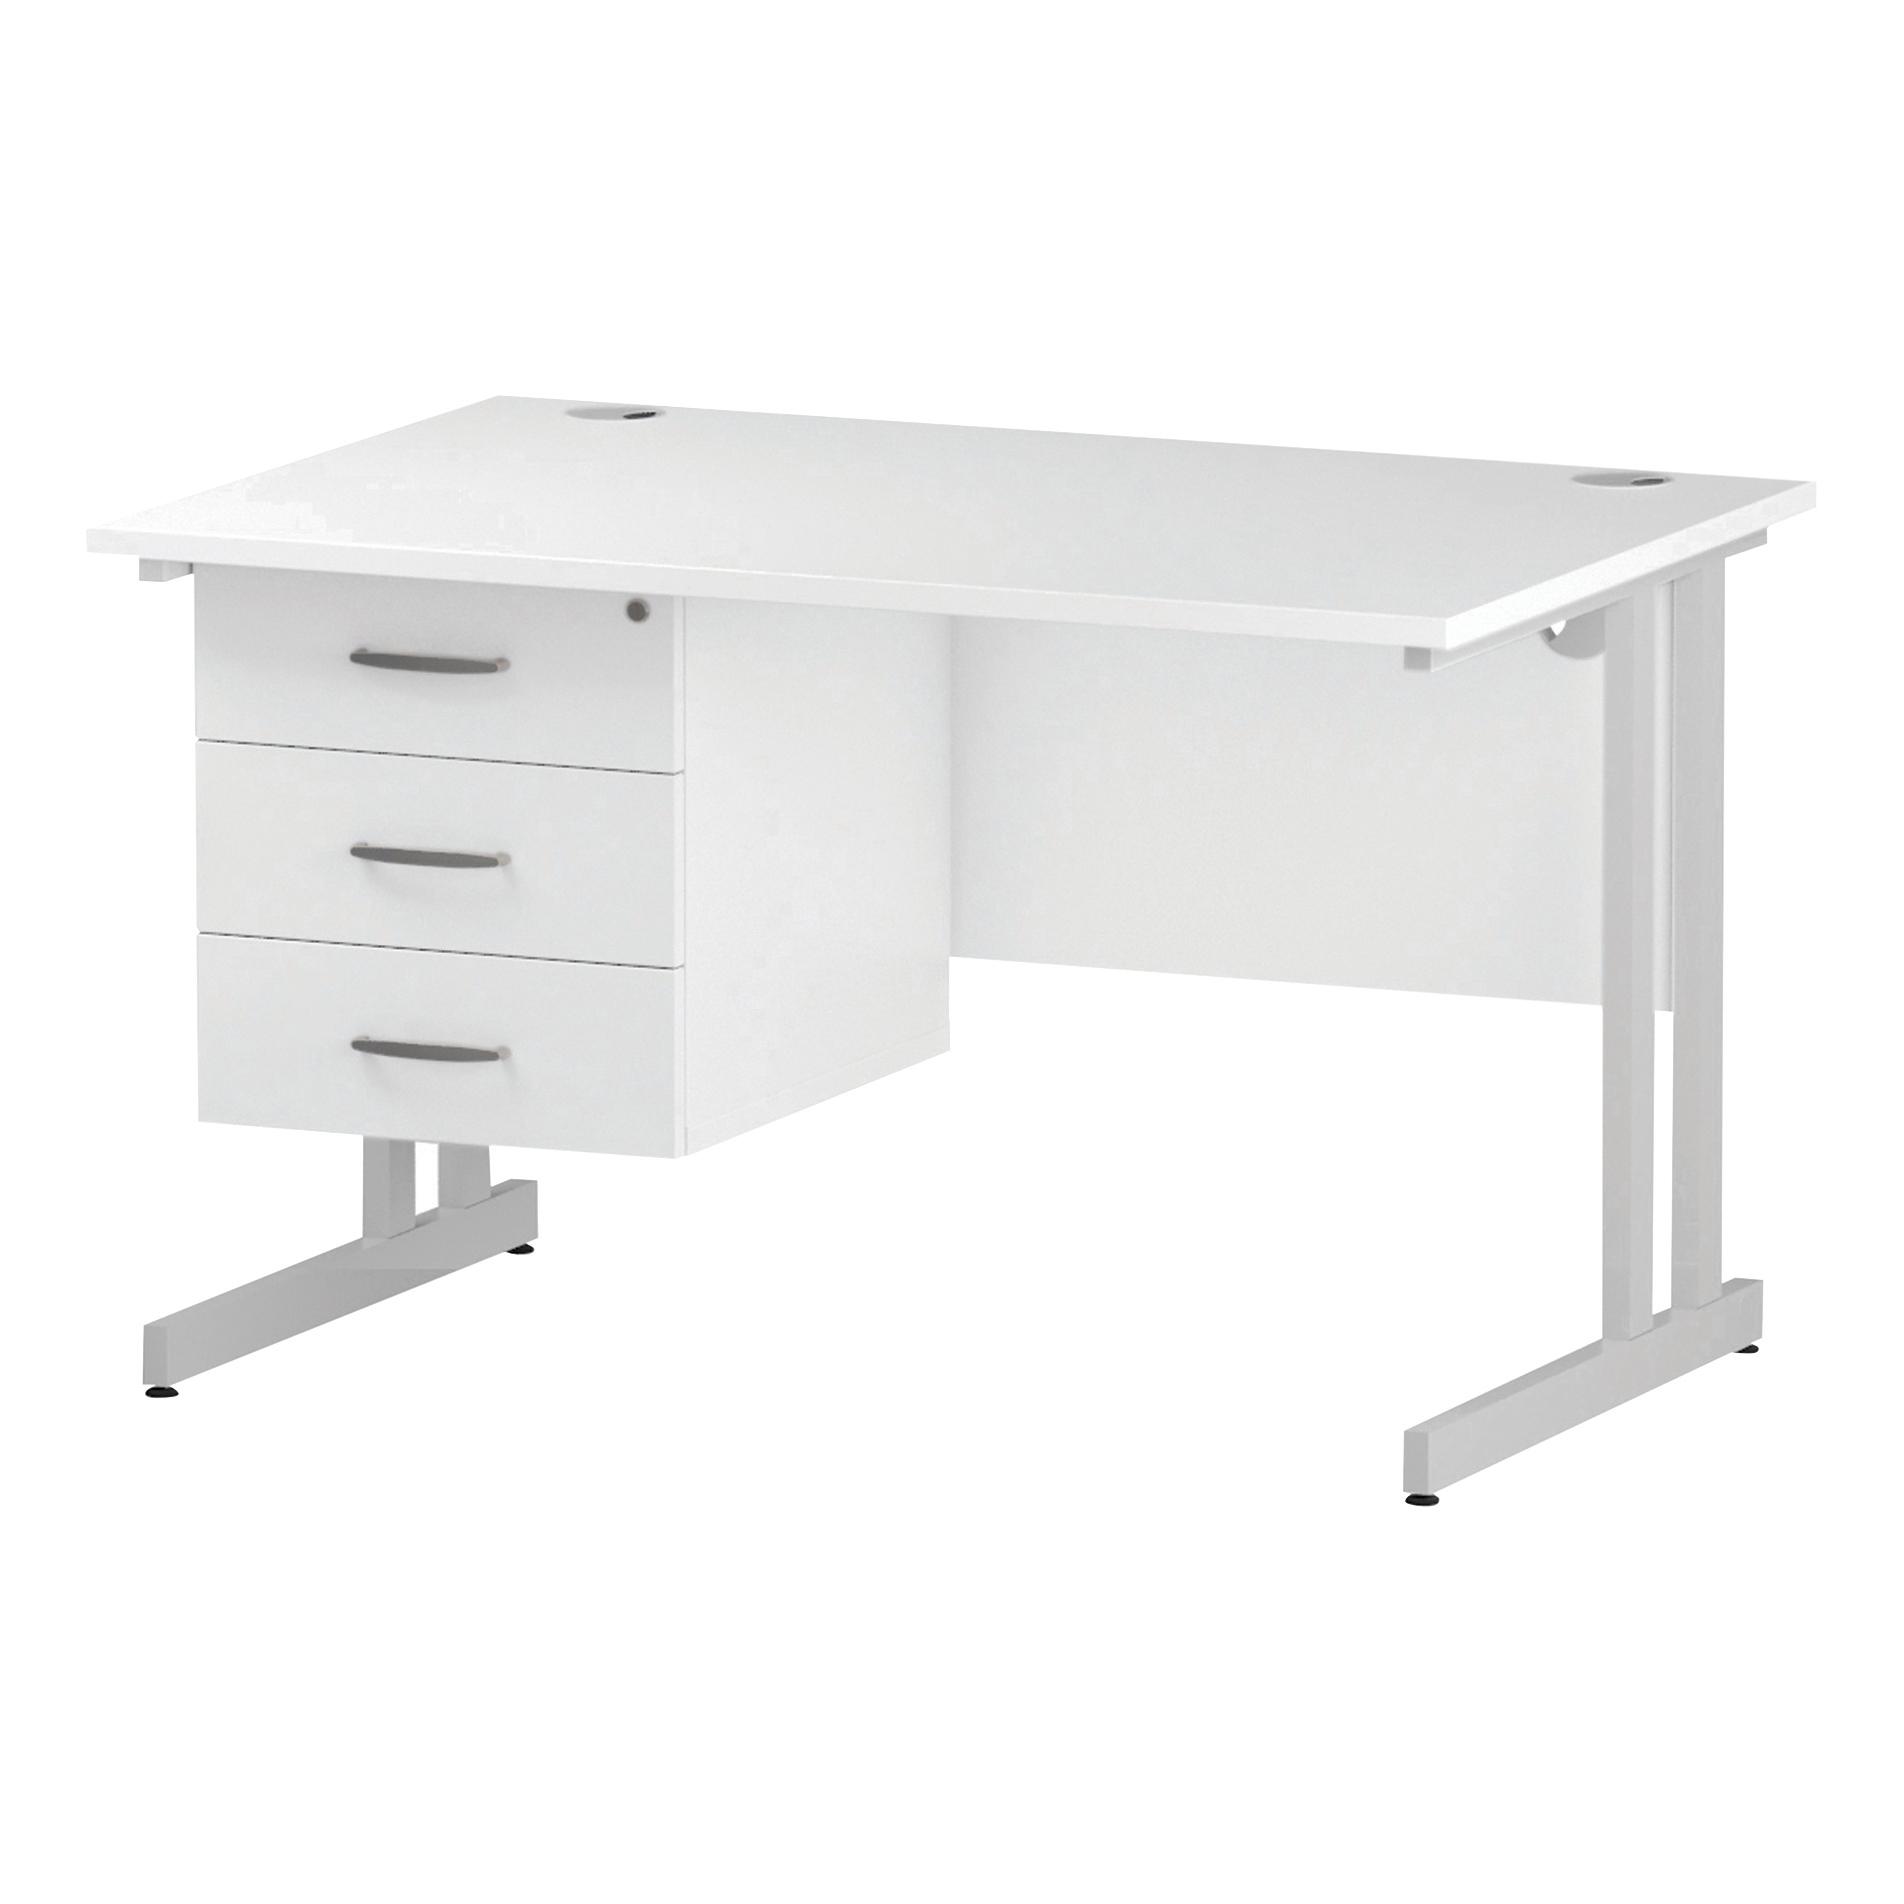 Trexus Rectangular Desk White Cantilever Leg 1200x800mm Fixed Pedestal 3 Drawers White Ref I002217